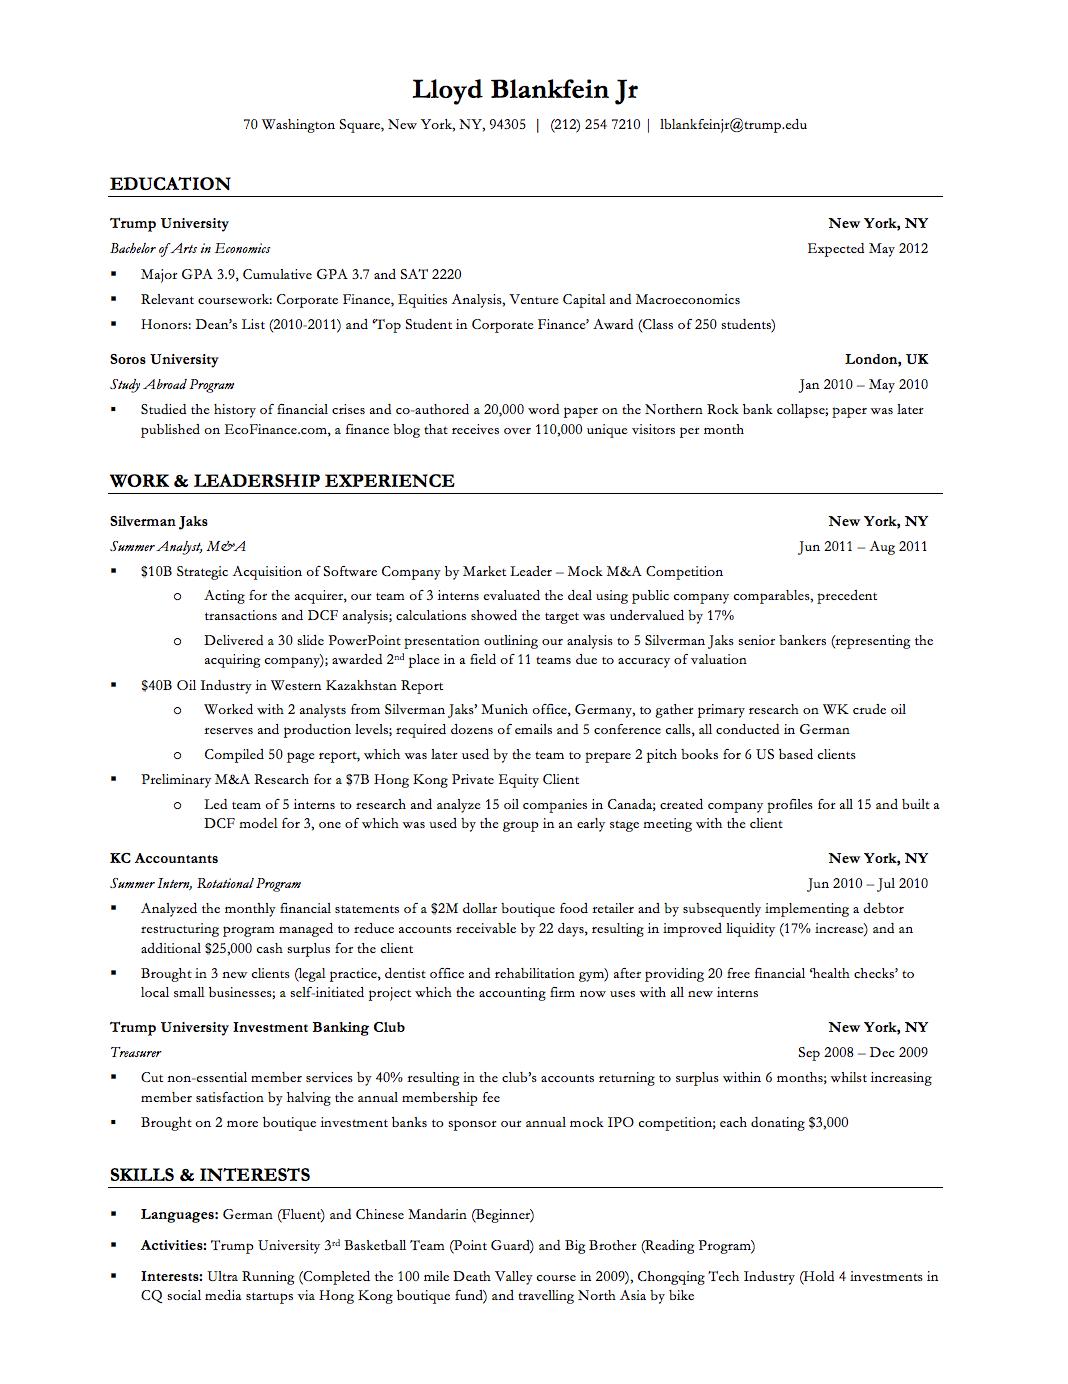 Investment Banker Resume Samplecareer Resume Template Career Resume Template Resume Resume Examples Job Resume Examples